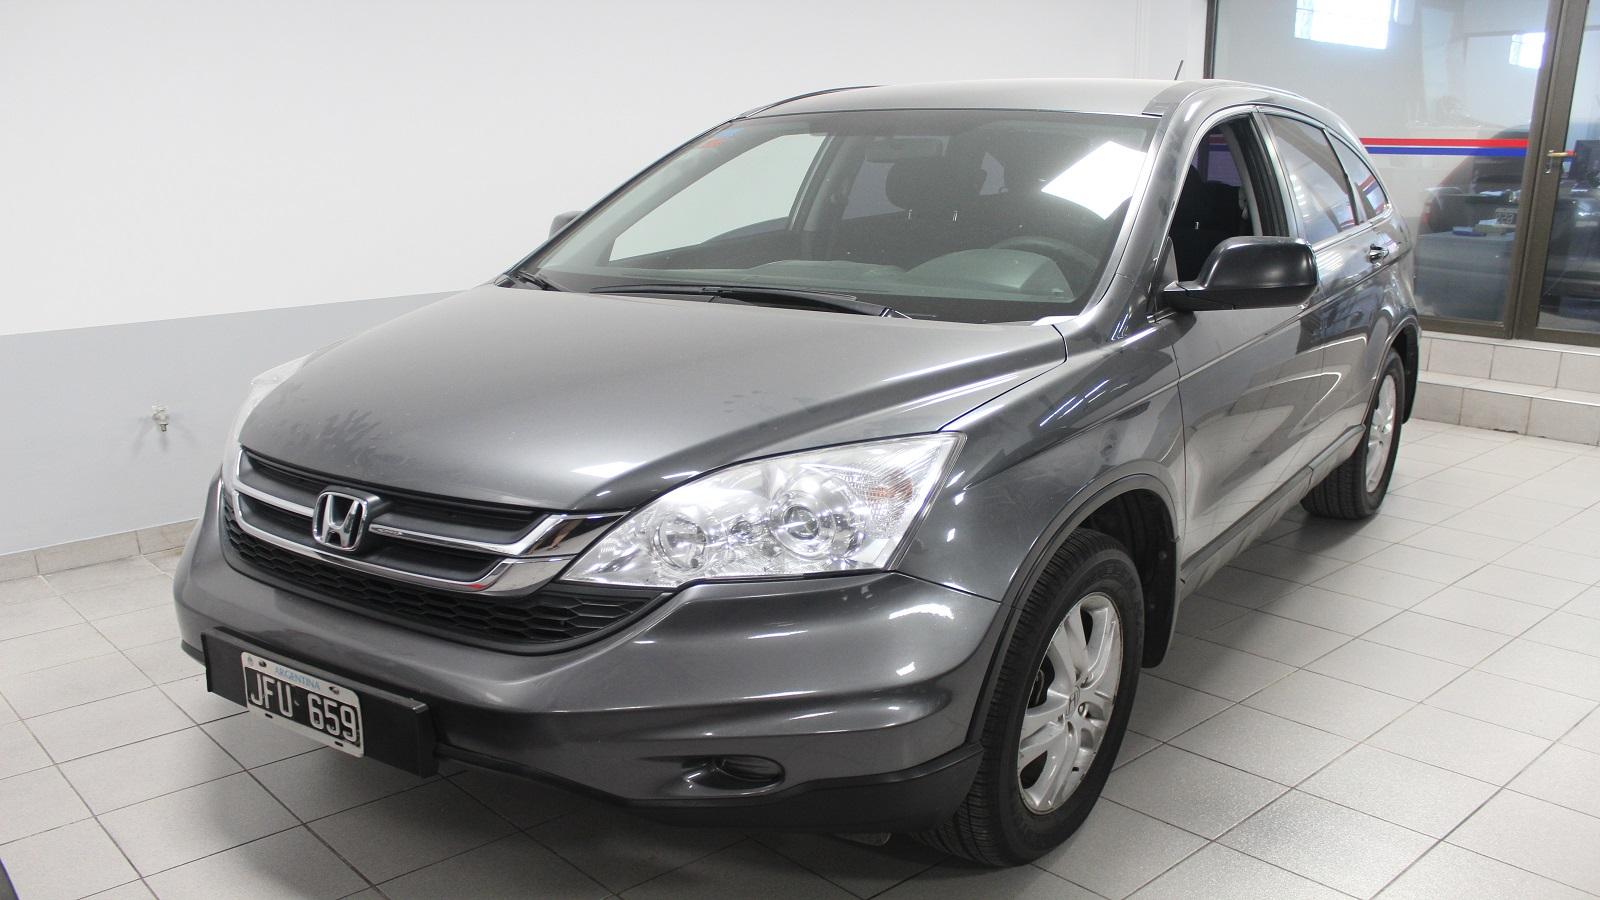 2010 Honda CRV 2.4 2.4n